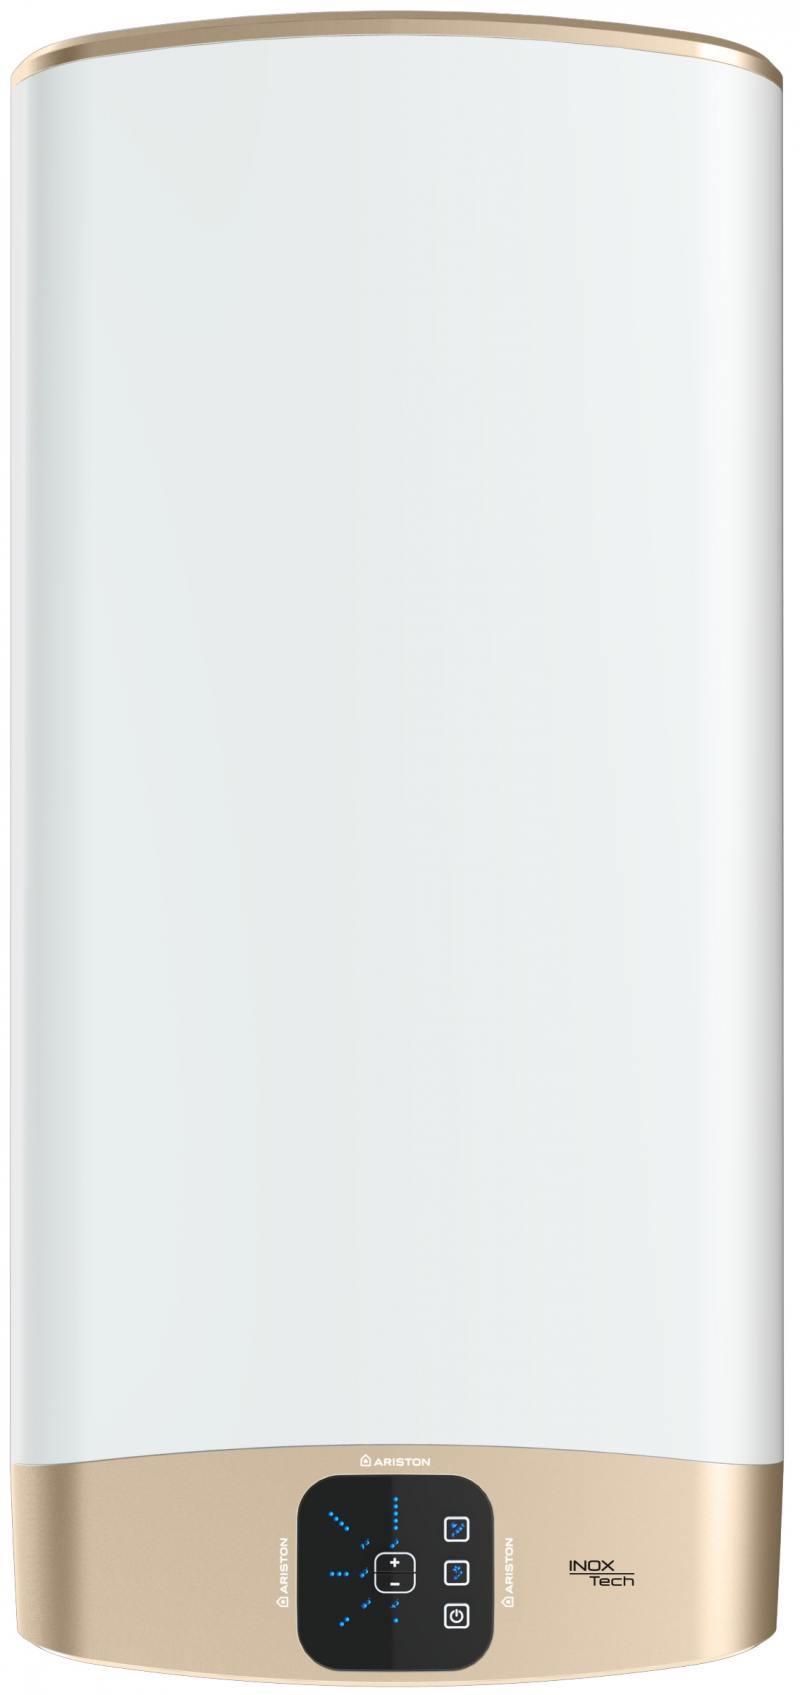 Водонагреватель накопительный Ariston ABS VLS EVO INOX PW 30 D 30л 4кВт 3626122 водонагреватель накопительный ariston abs vls evo inox pw 50 d